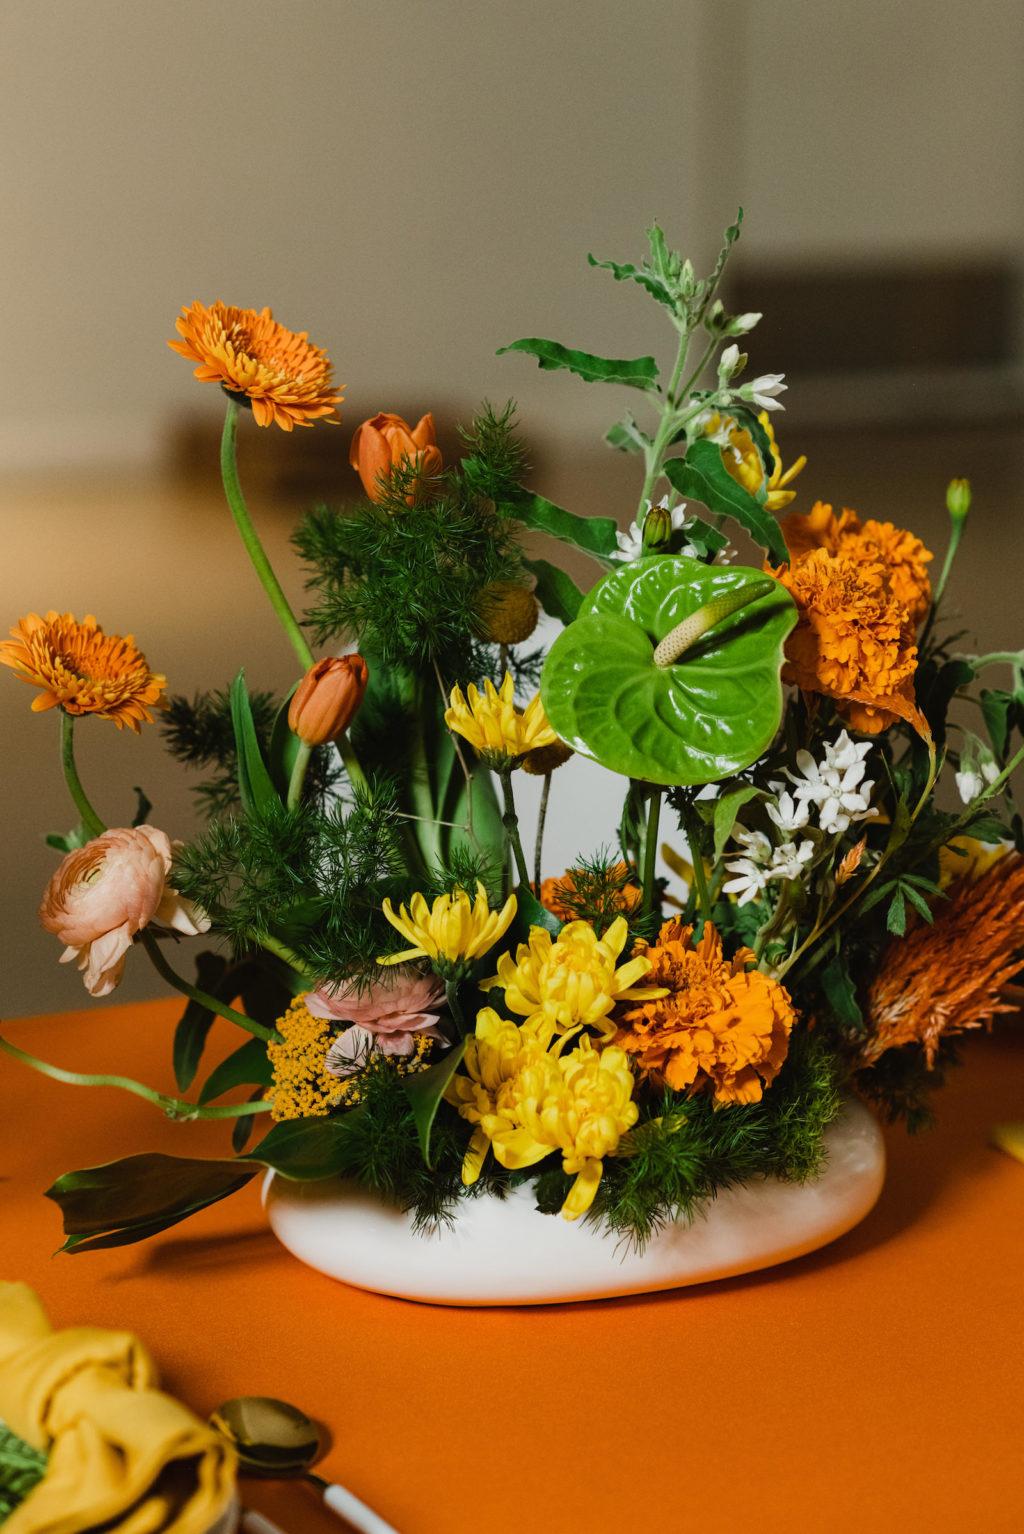 Retro Vibrant Flower Centerpiece Wedding Reception Decor, Yellow Florals, Orange Marigolds, Green Anthuriums